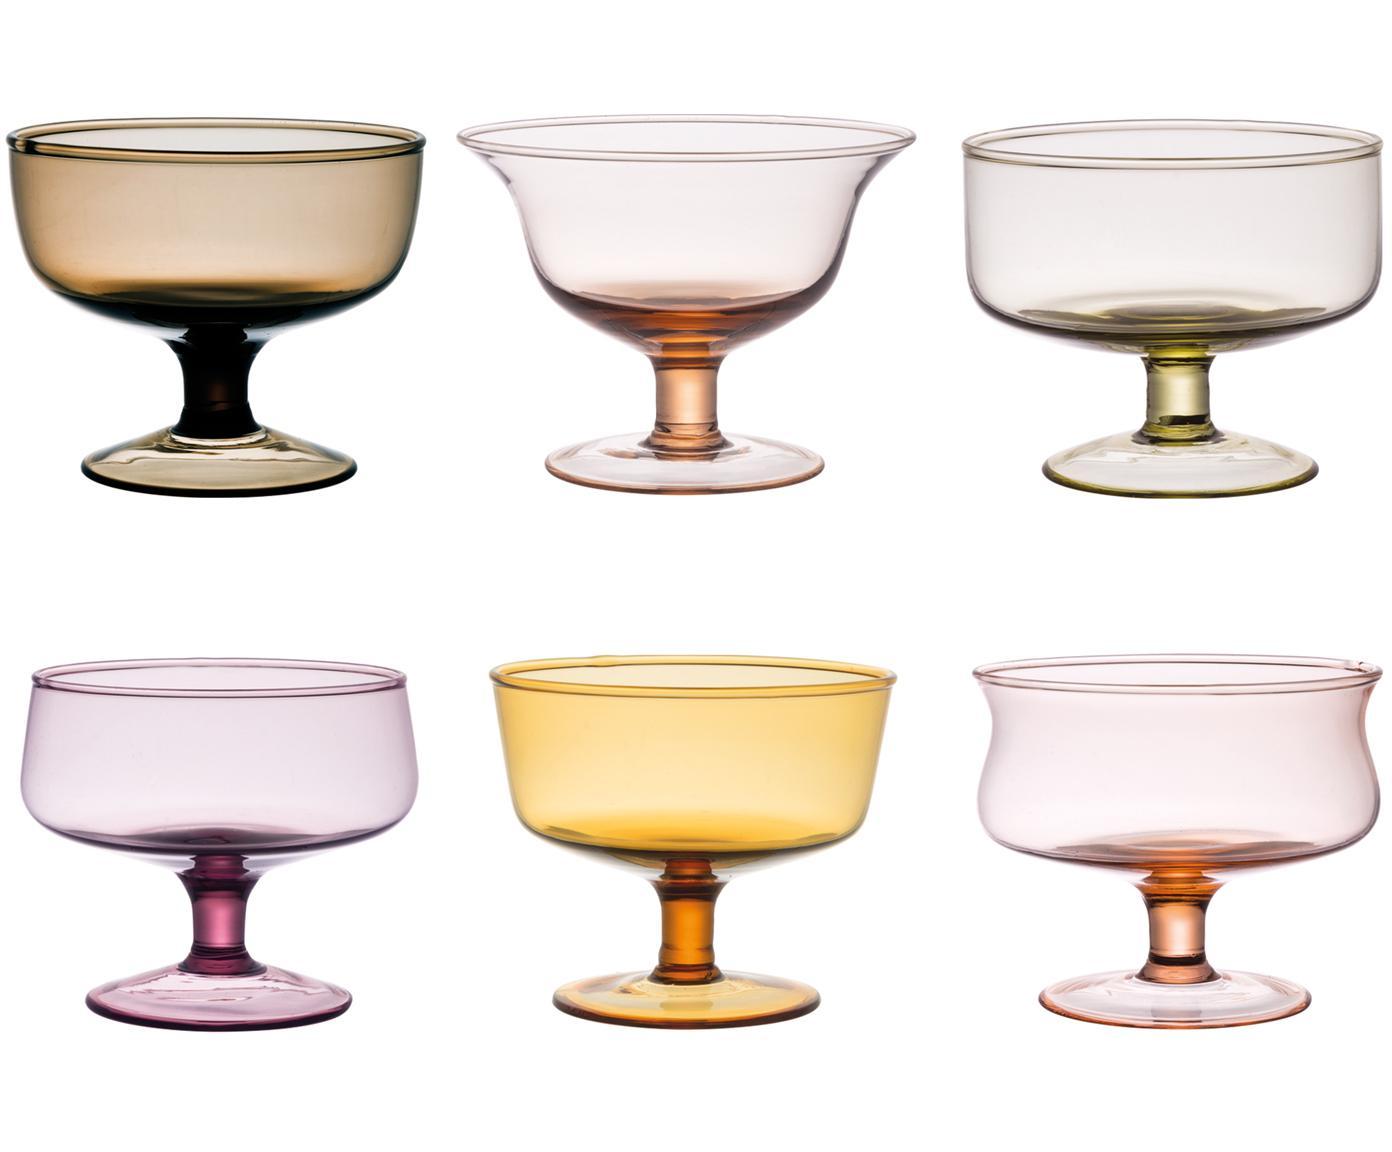 Set 6 ciotole in vetro soffiato Desigual, Vetro soffiato a bocca, Multicolore, Ø 12 x Alt. 8 cm